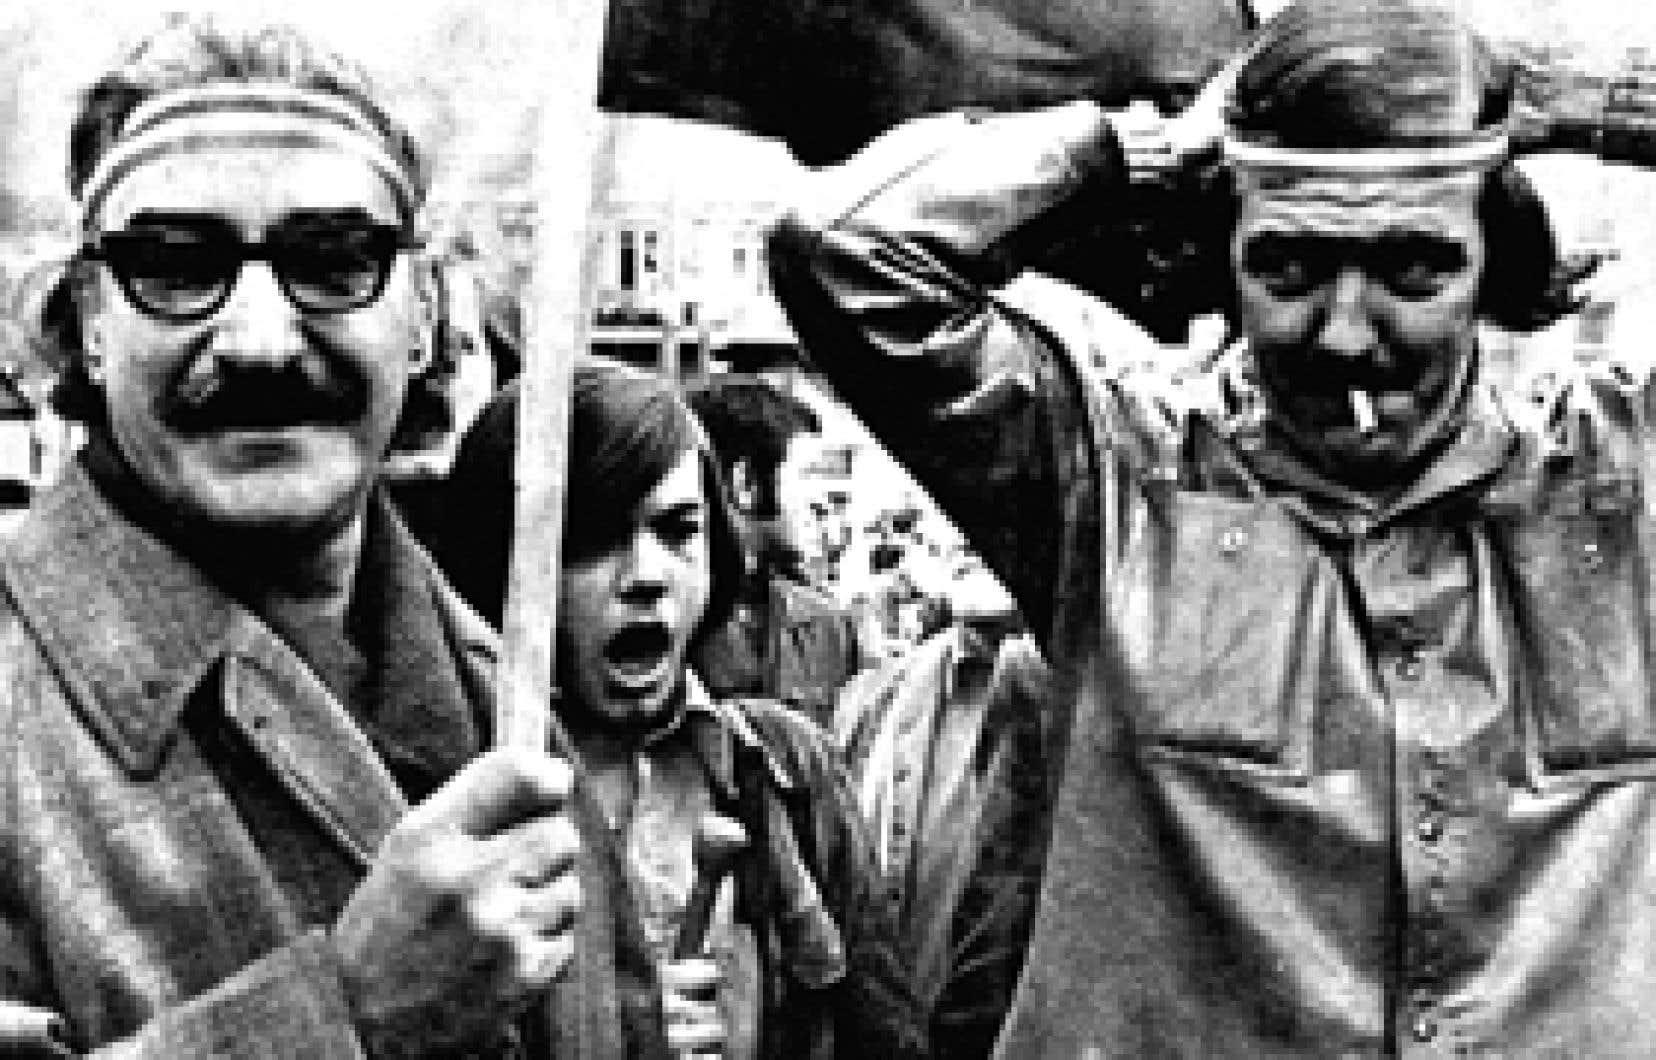 Le samedi 16 octobre 1971, environ 3000 manifestants arborant les couleurs des patriotes de 1837-1838, dont Michel Chartrand et Me Robert Lemieux sur notre photo, manifestent dans les rues de Montréal afin de souligner le premier anniversaire de l'imp